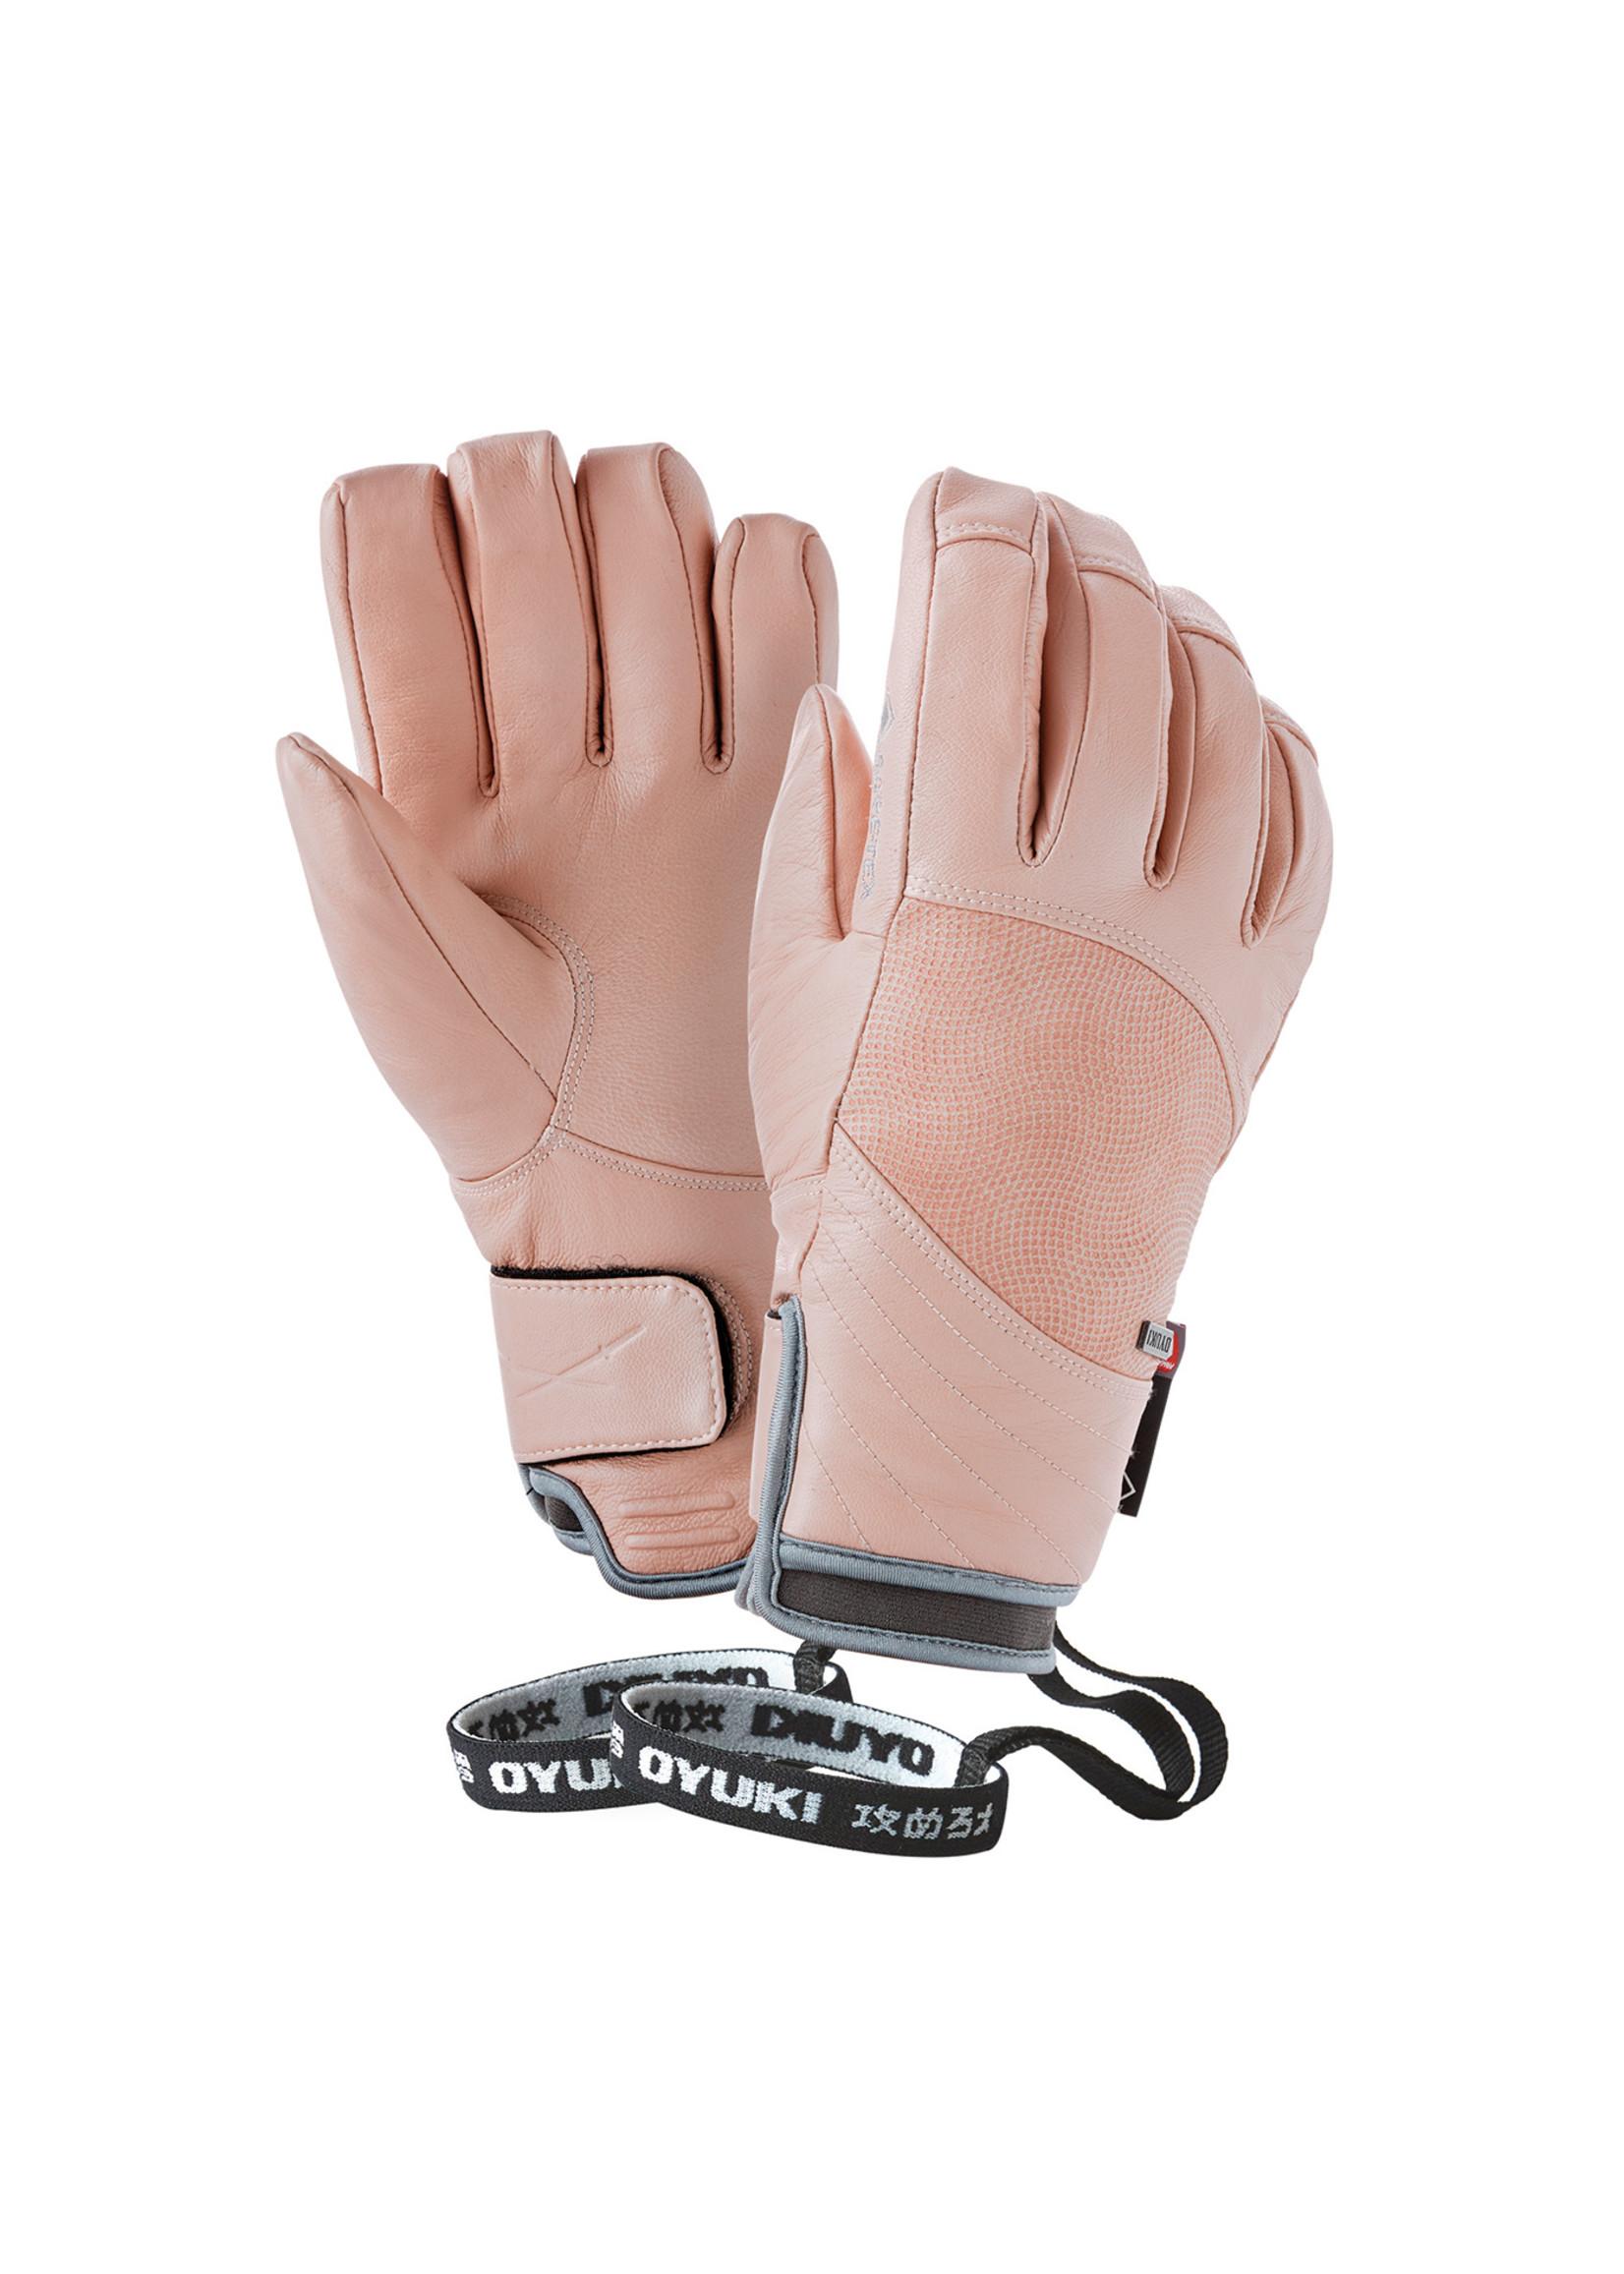 Chika Glove